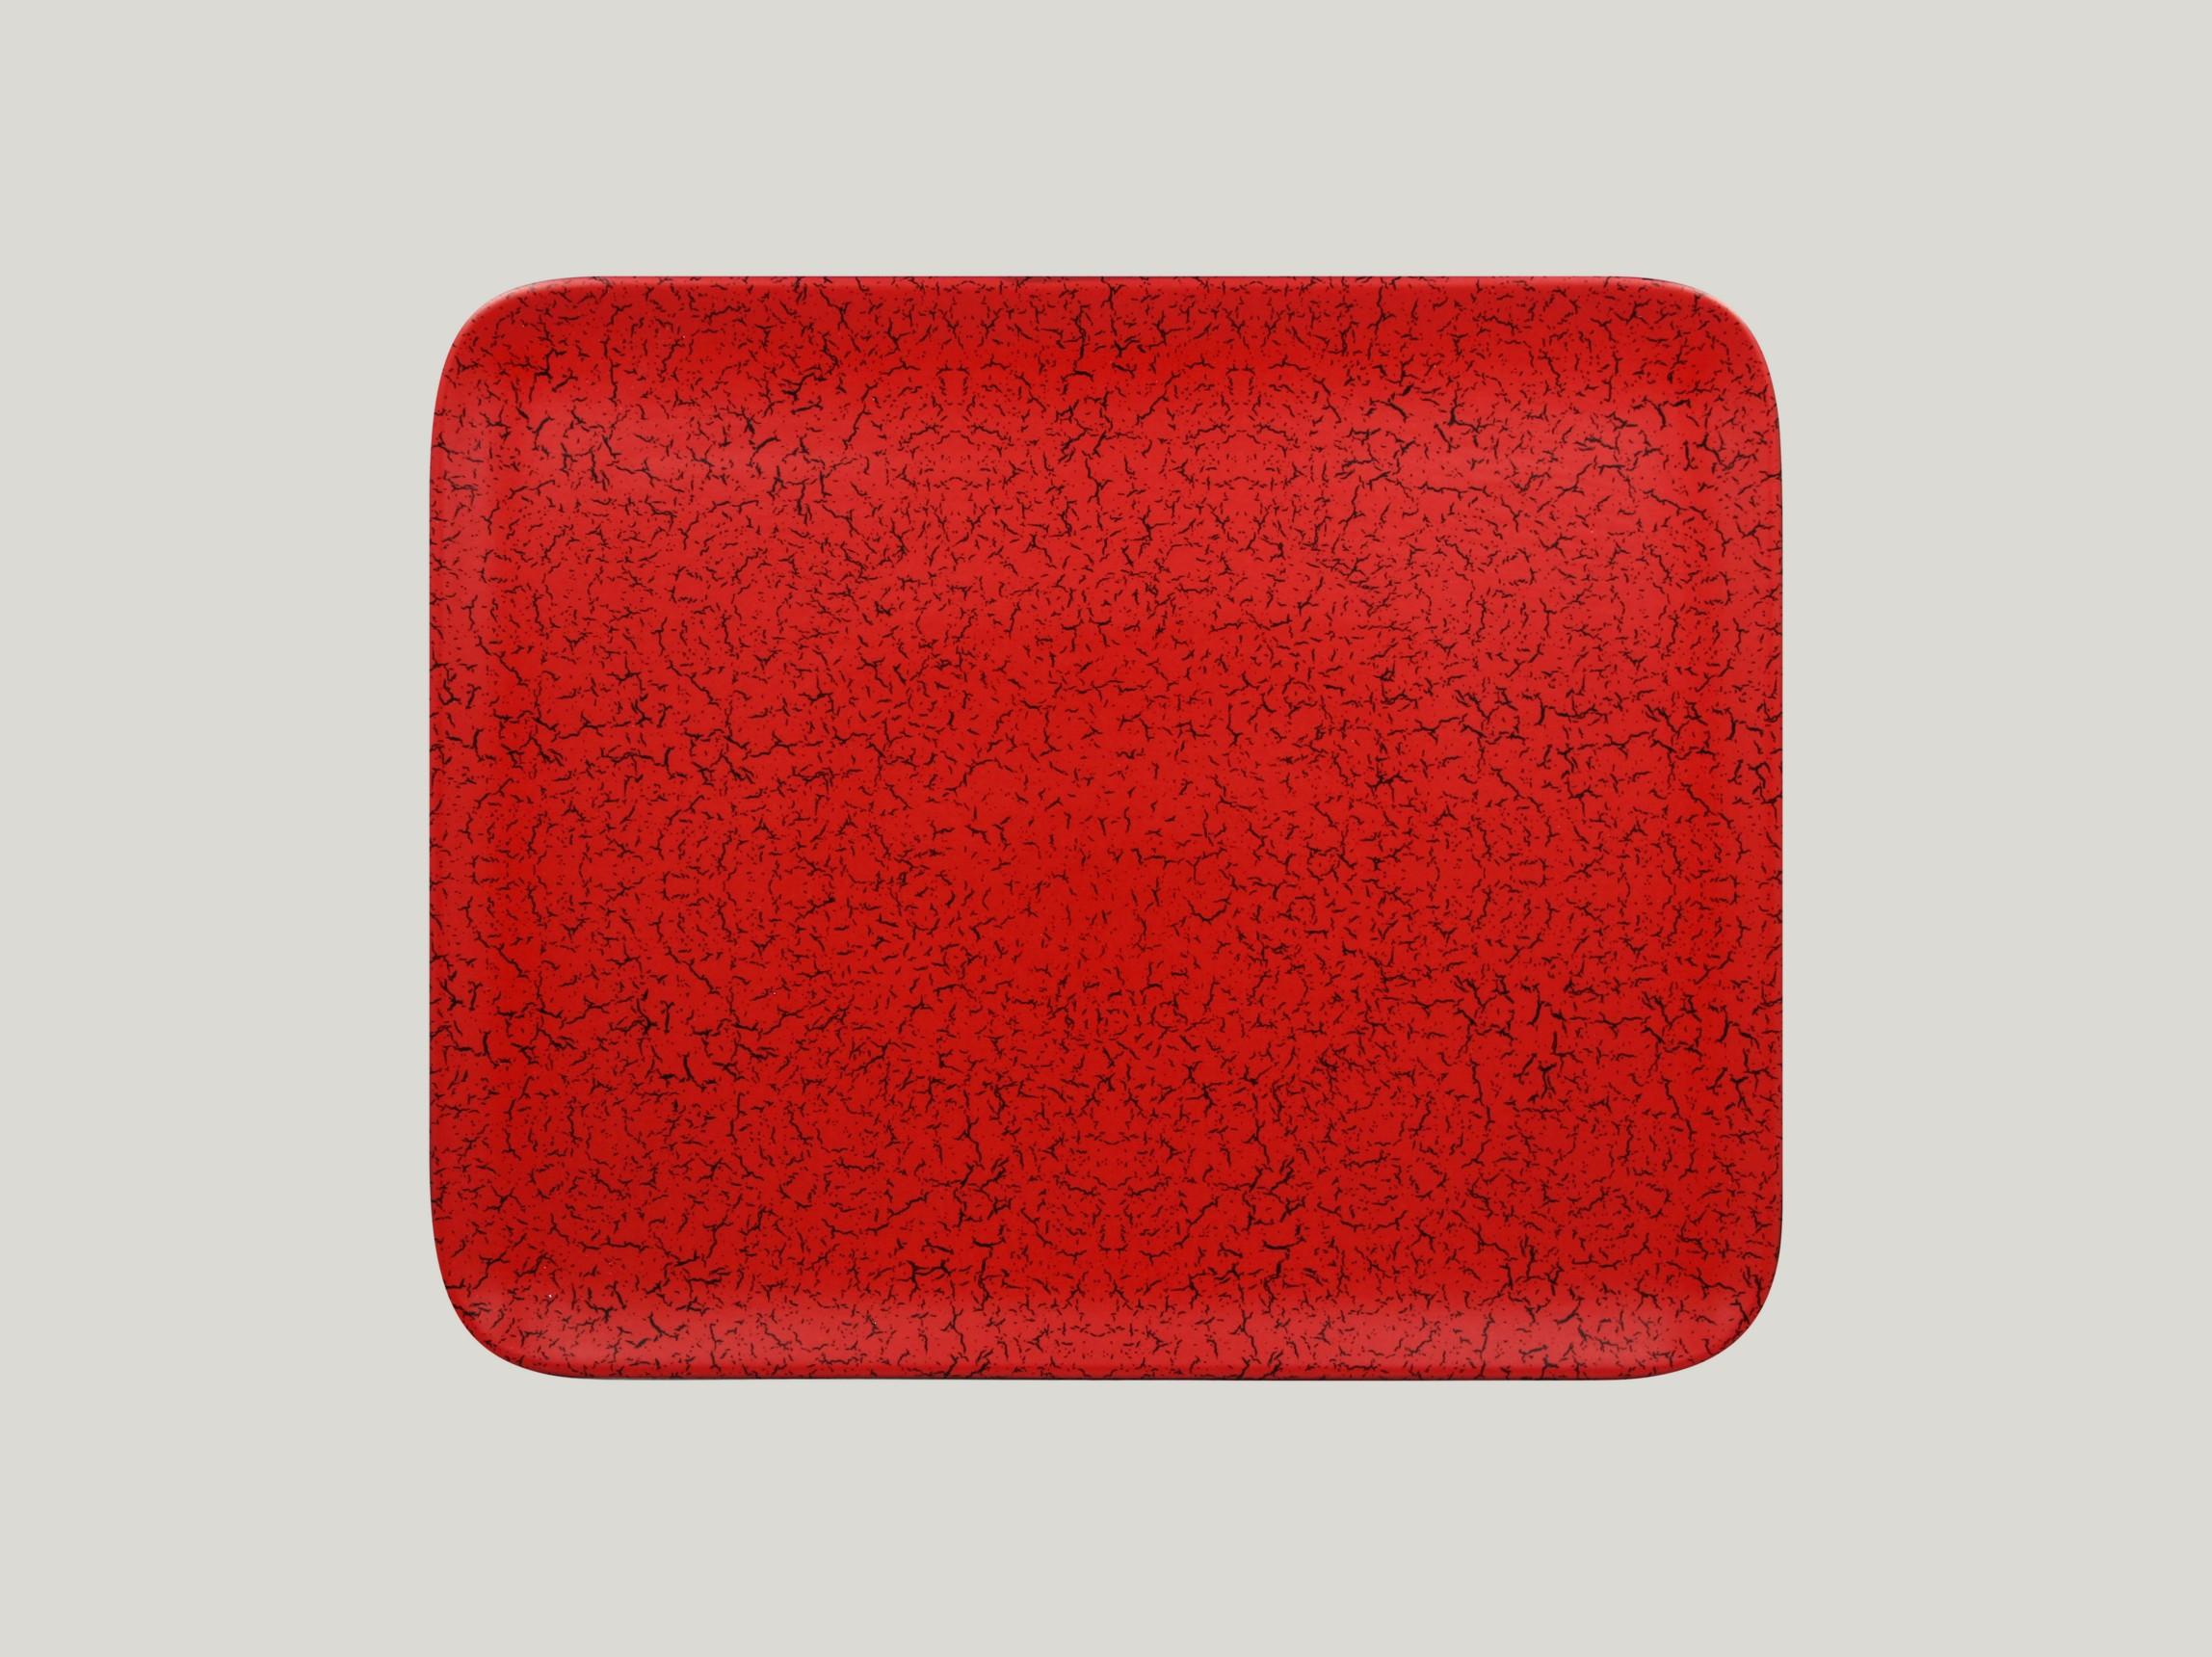 Talíř obdélníkový 33 x 27 cm - červená